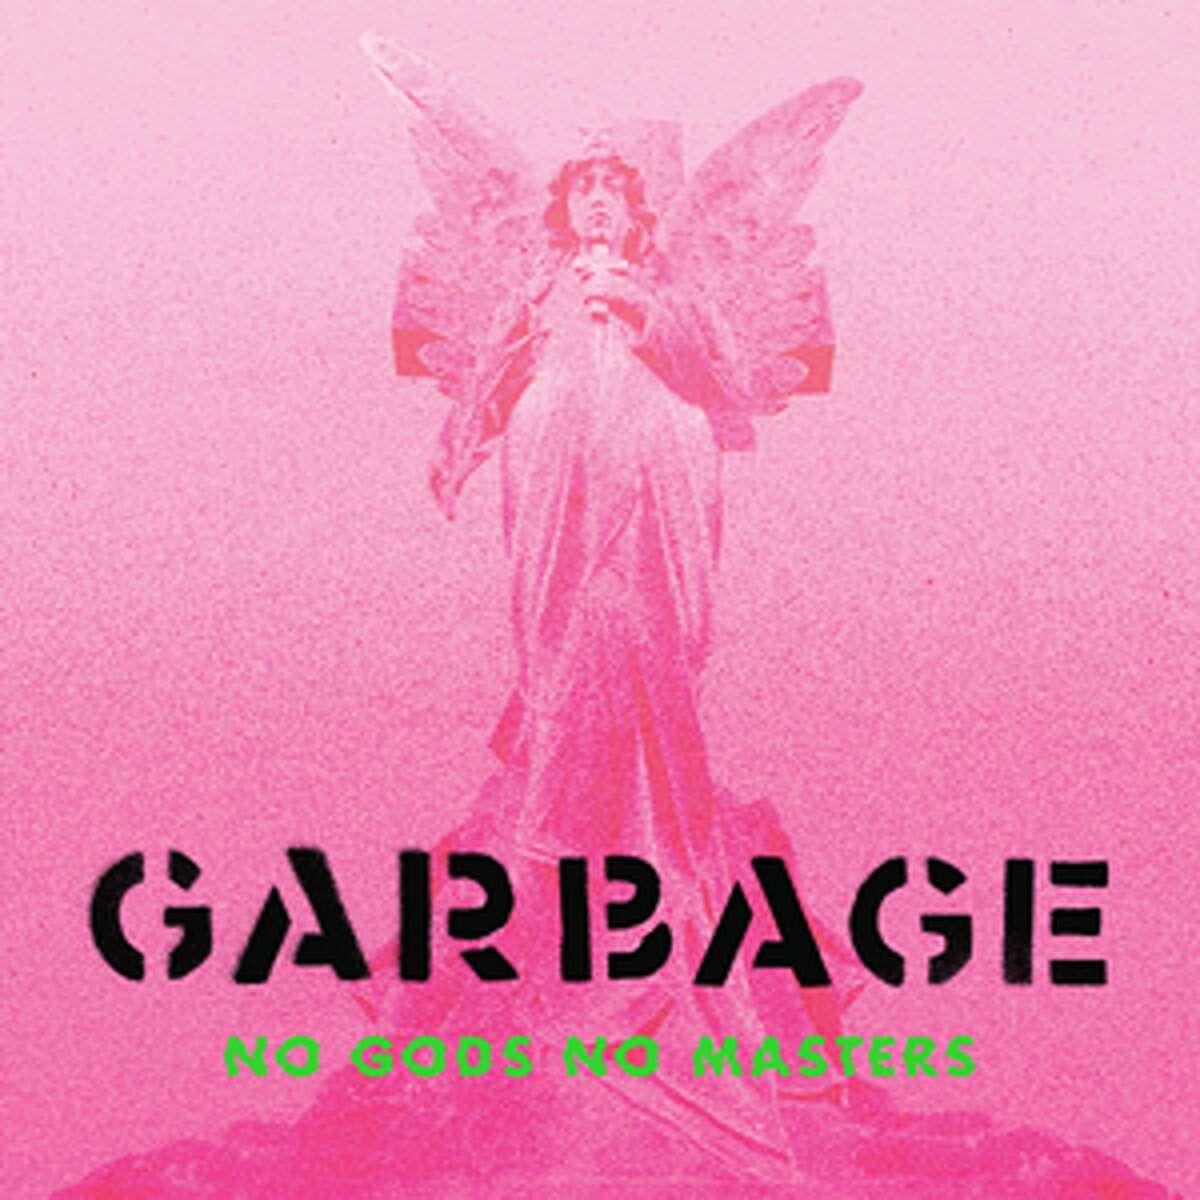 El último álbum de Garbage,